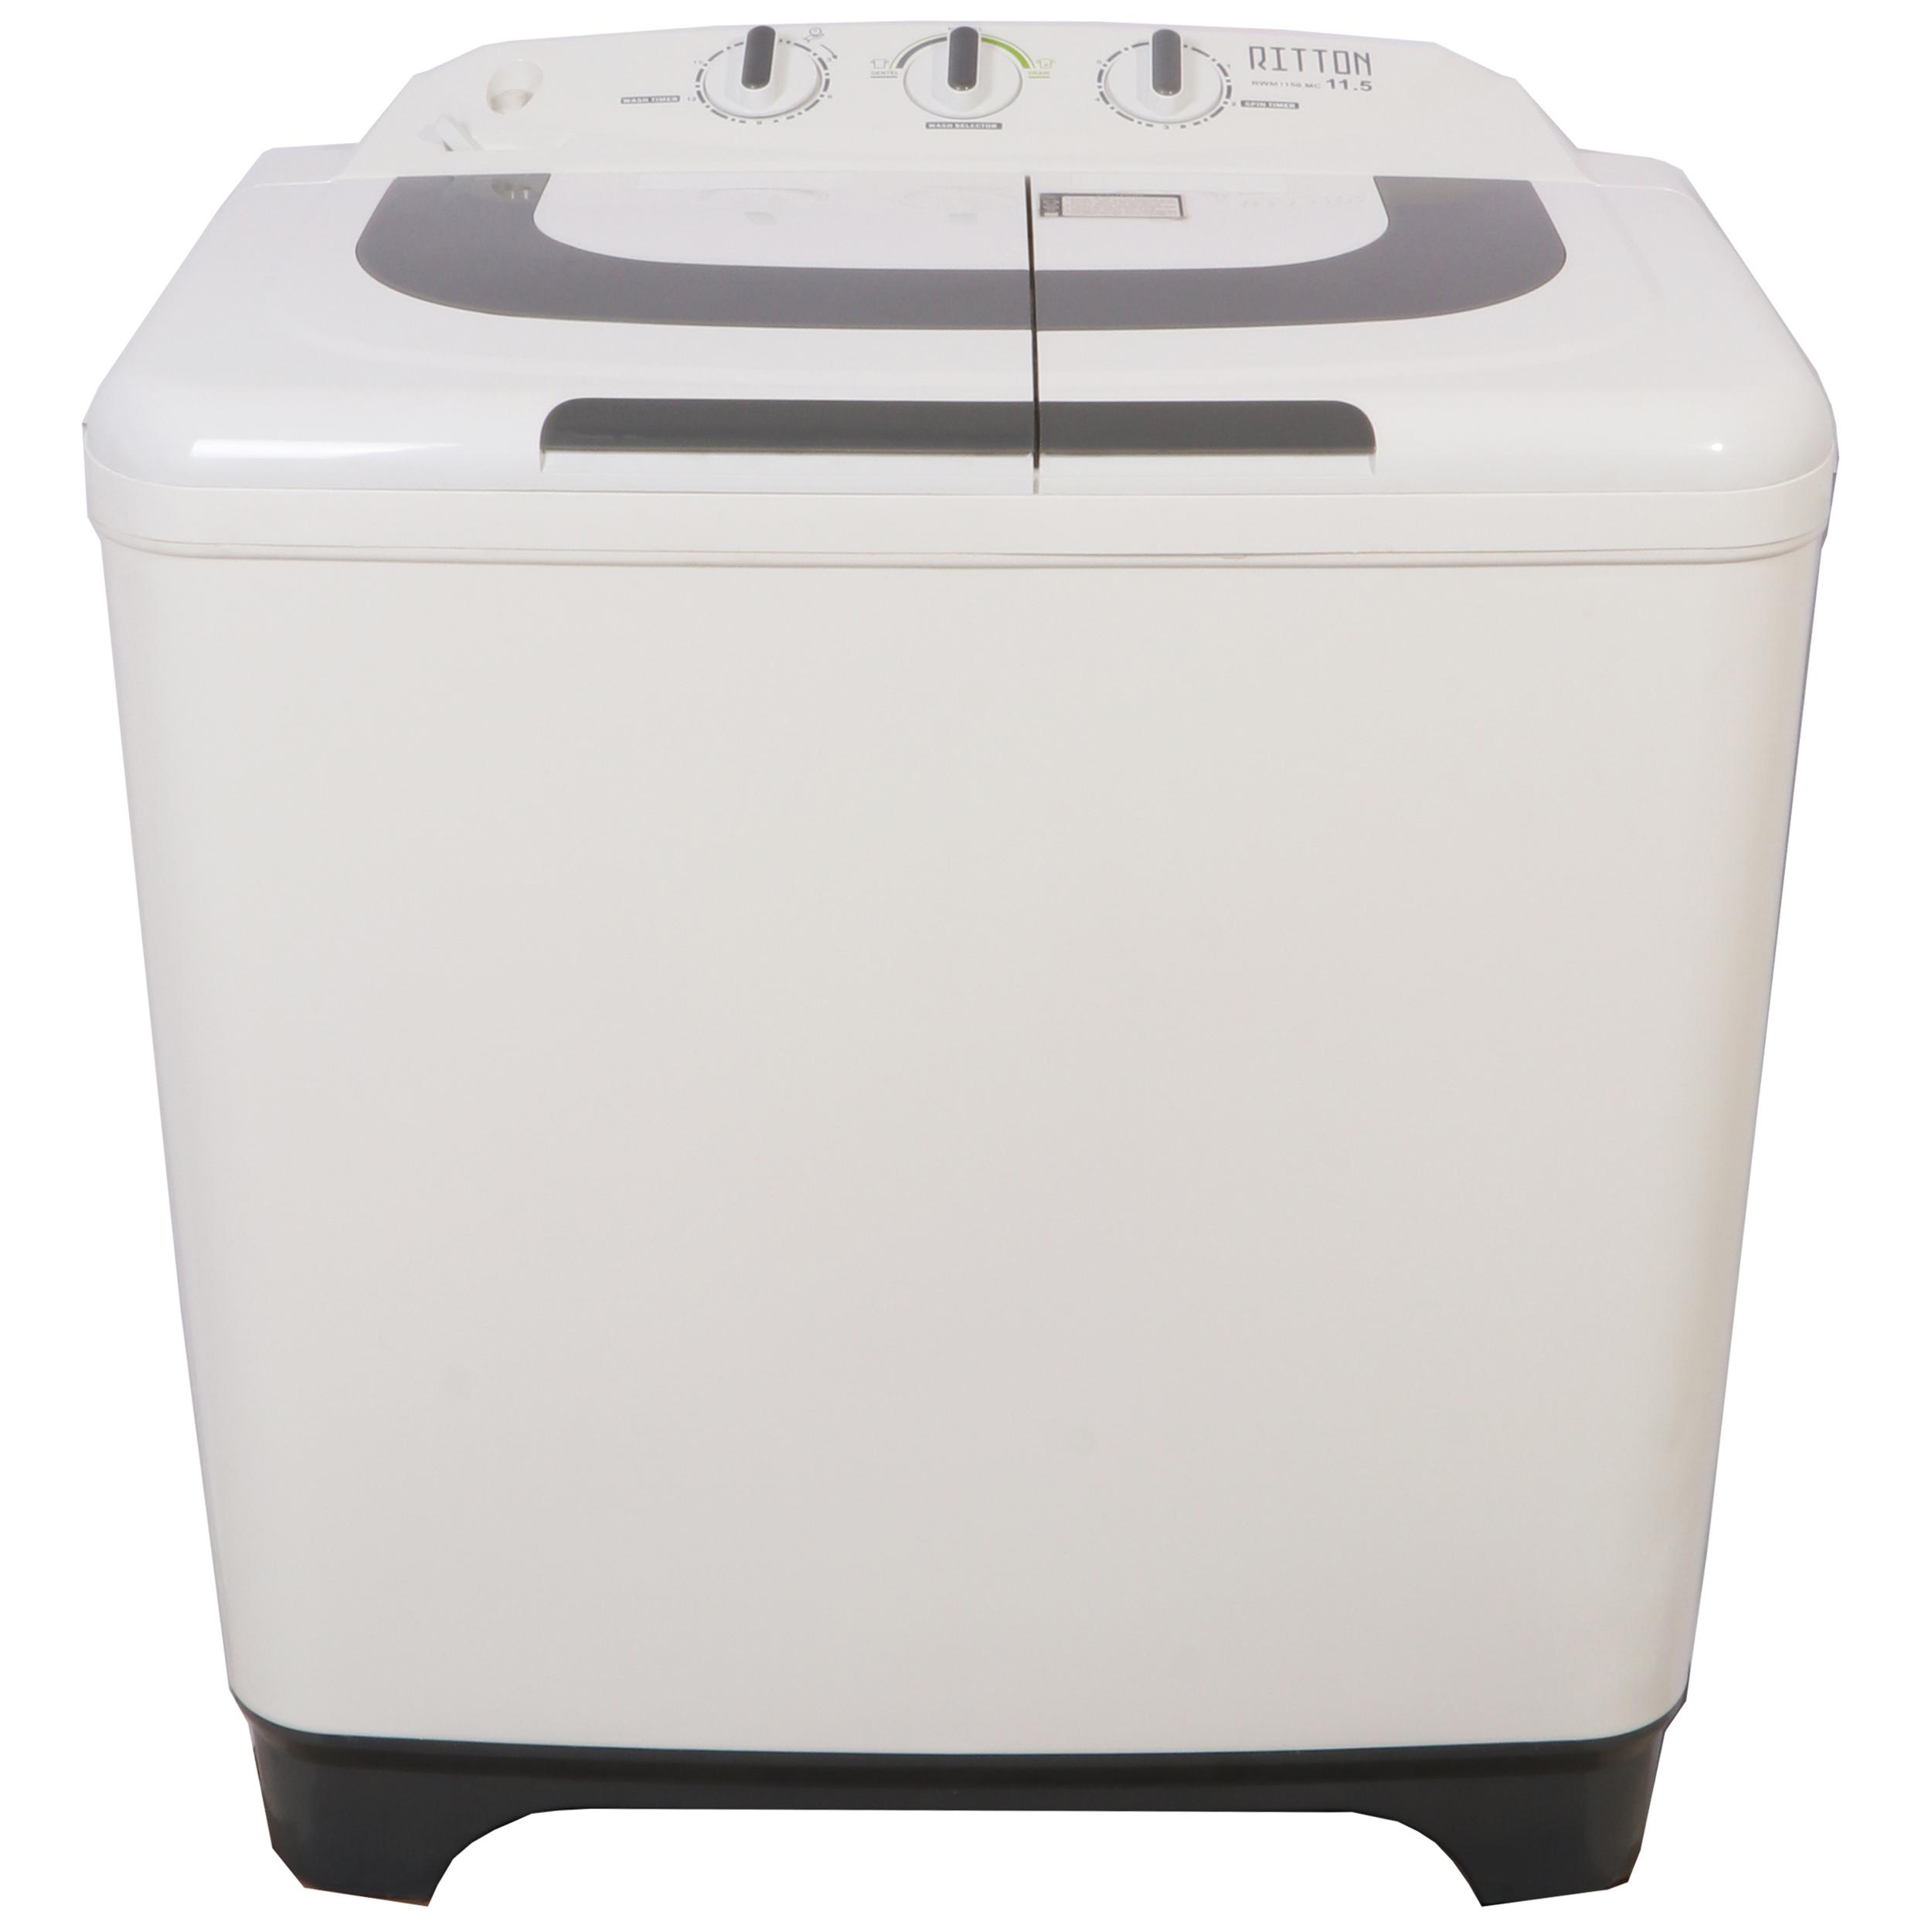 ماشین لباسشویی  ریتون مدل RWM 1150.MC ظرفیت 12 کیلوگرم